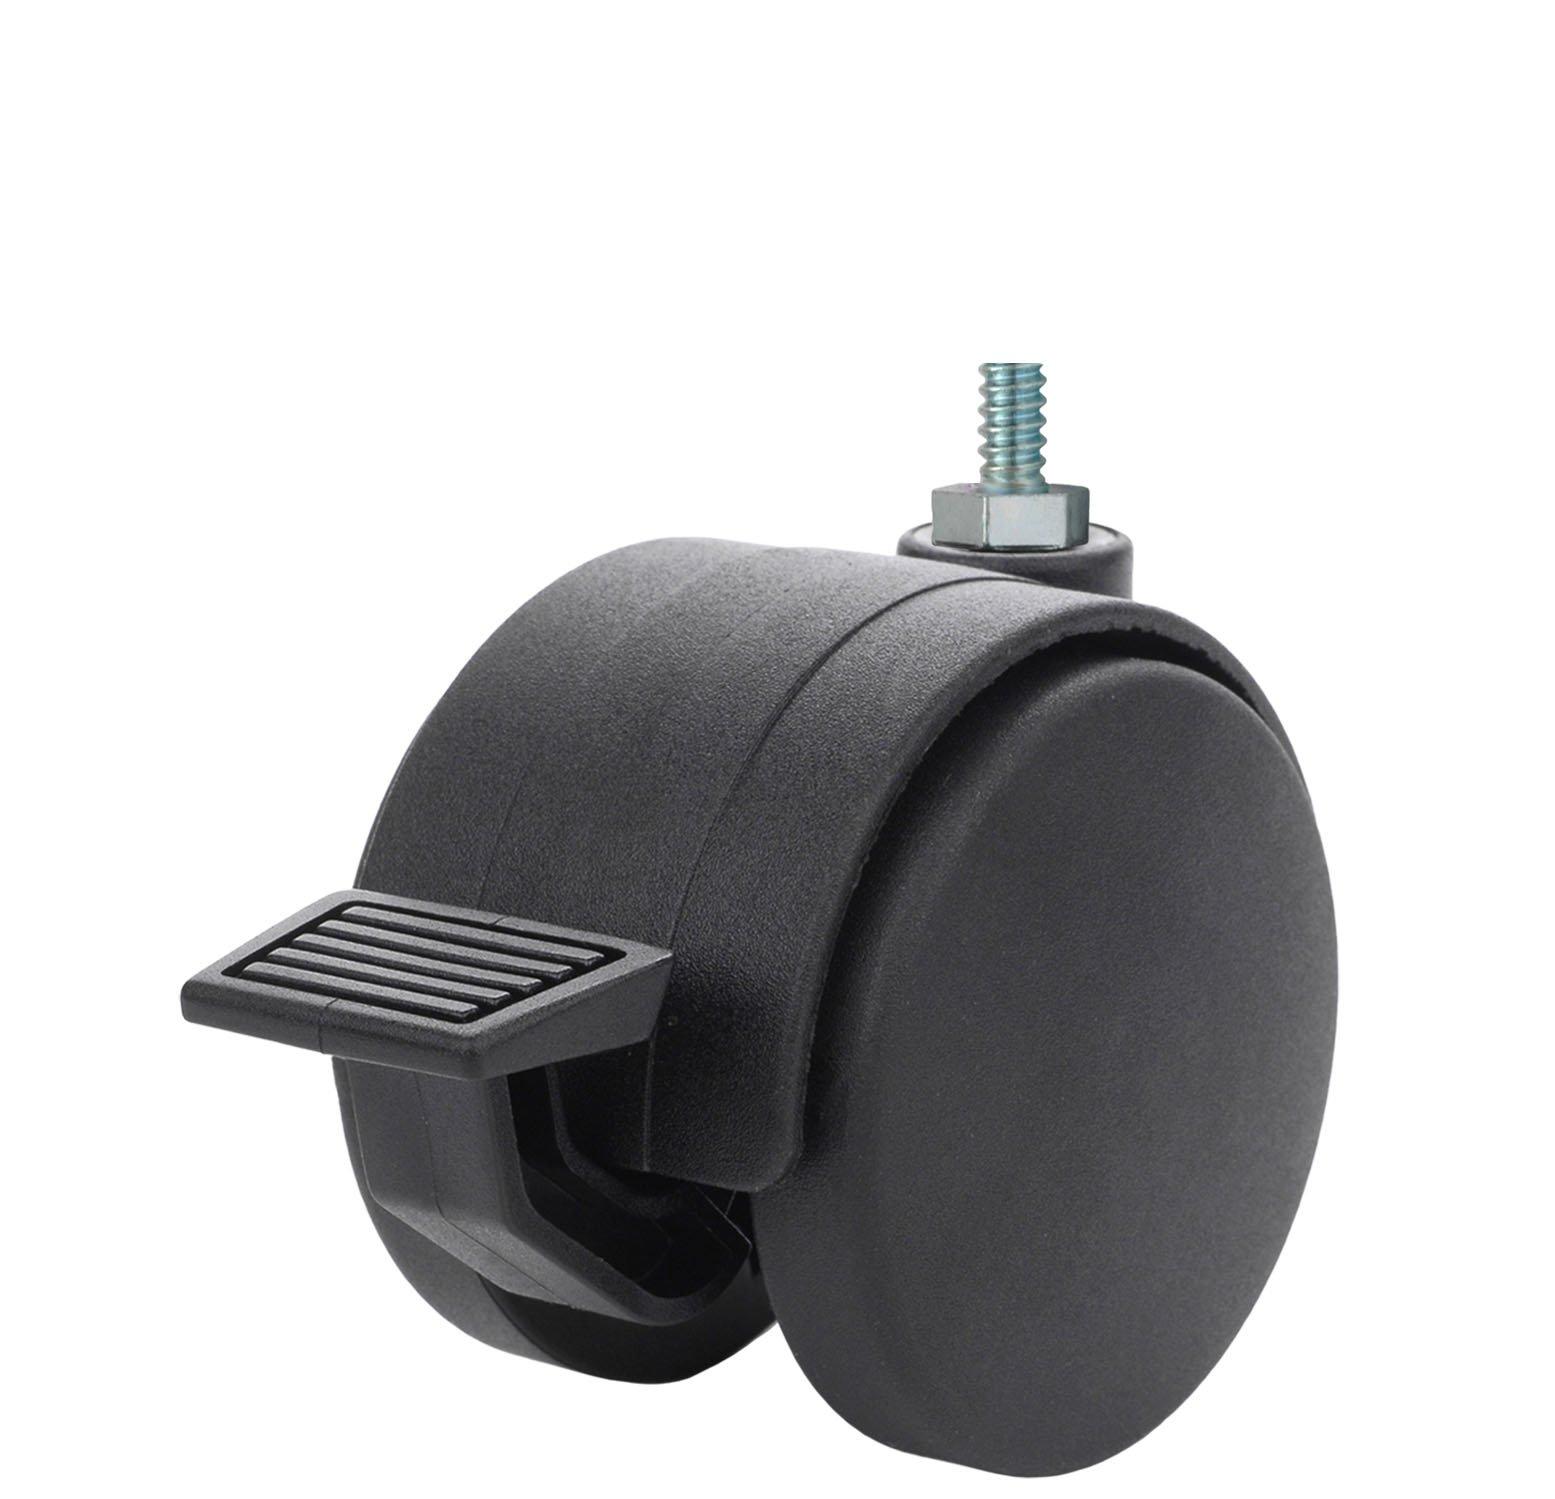 Twin Wheel Caster Solutions TWHN-50U-M23-BK-B 2 Diameter Nylon Wheel Hooded Brake Caster 110 lb Capacity Range 8 mm Diameter x 25 mm Length Threaded Stem